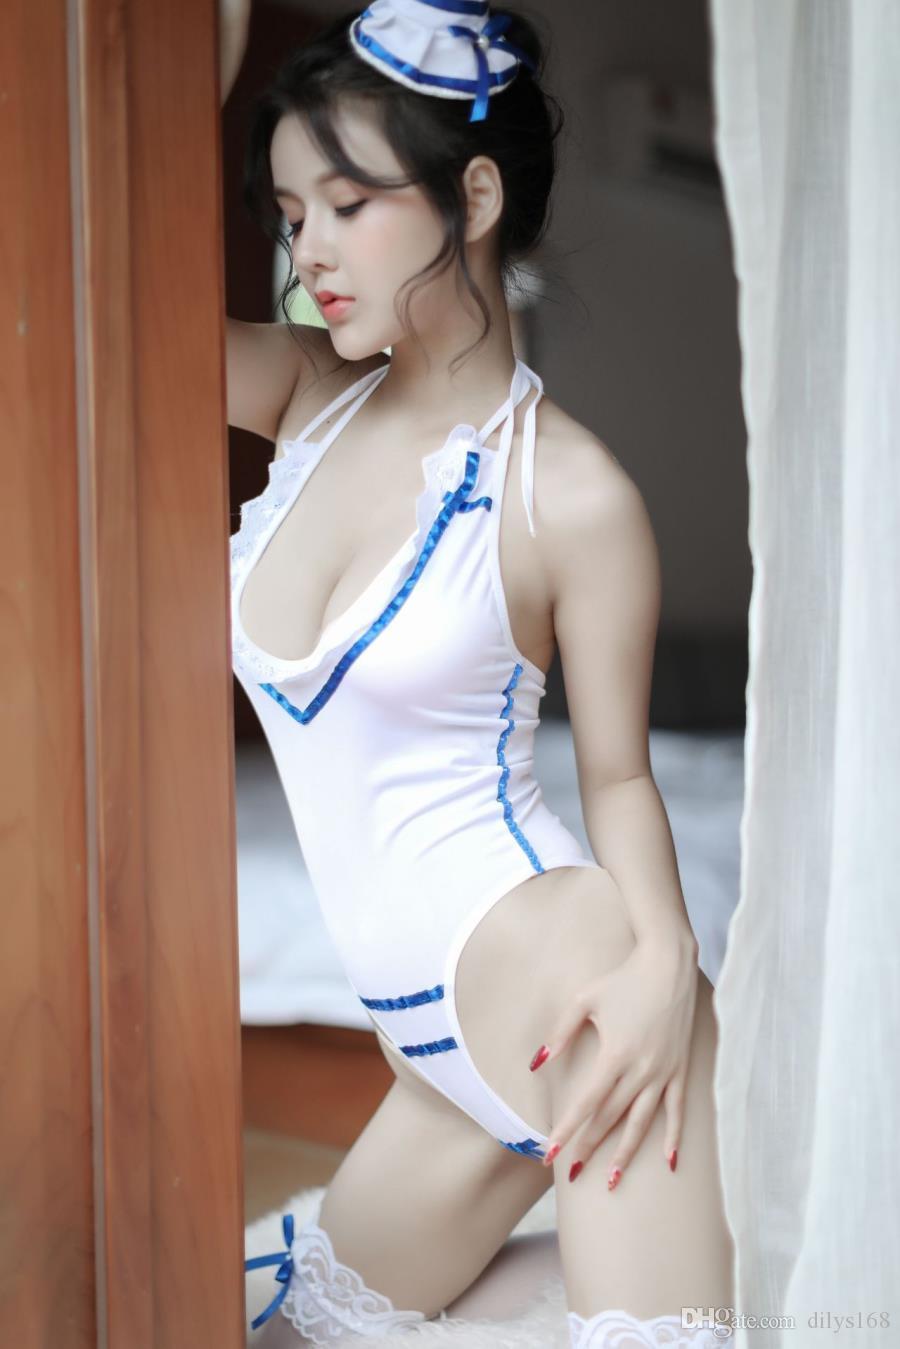 2020 mode femme lingeries lingerie sexe Femme luxe lingerie sexy design femmes pyjamas sous-vêtements féminins en dentelle de jeux A16240041